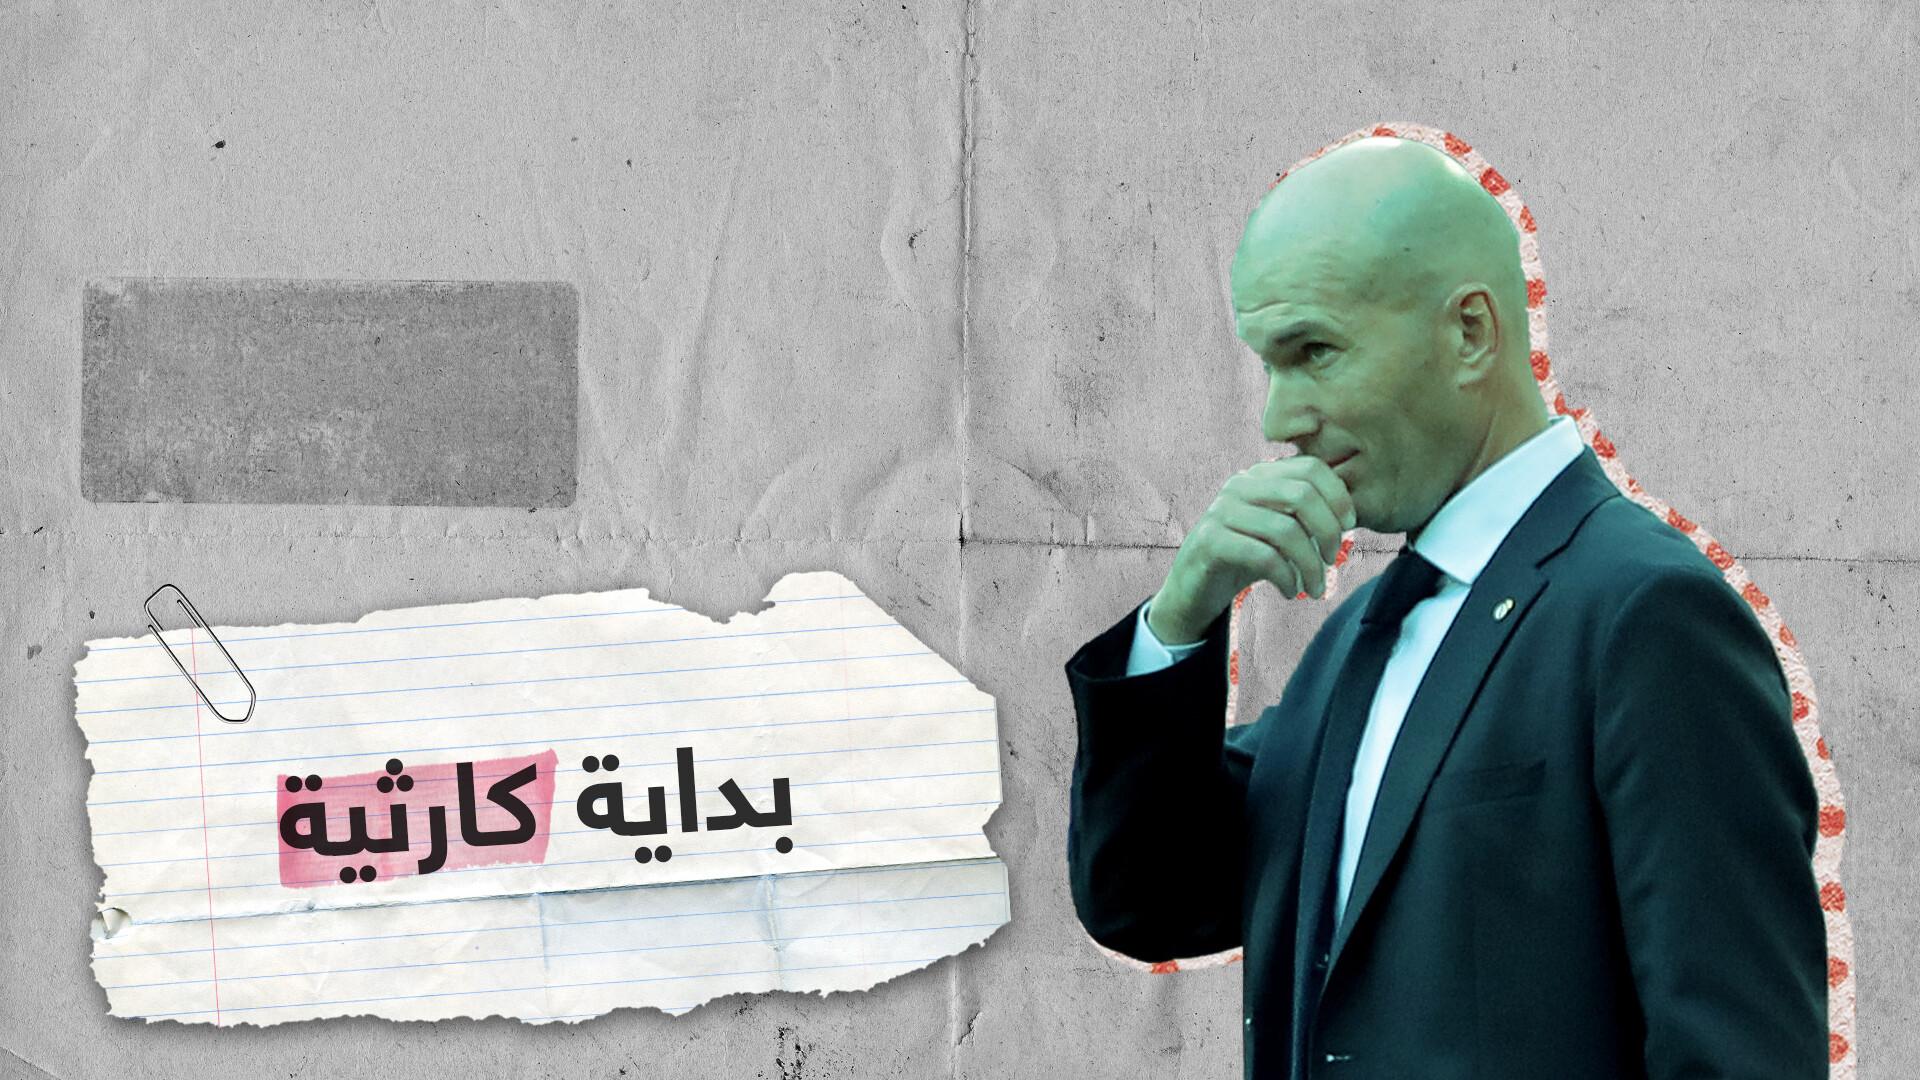 زيدان في وجه العاصفة.. مطالبات بإقالته بعد نتائج مخيبة محليا ودوليا